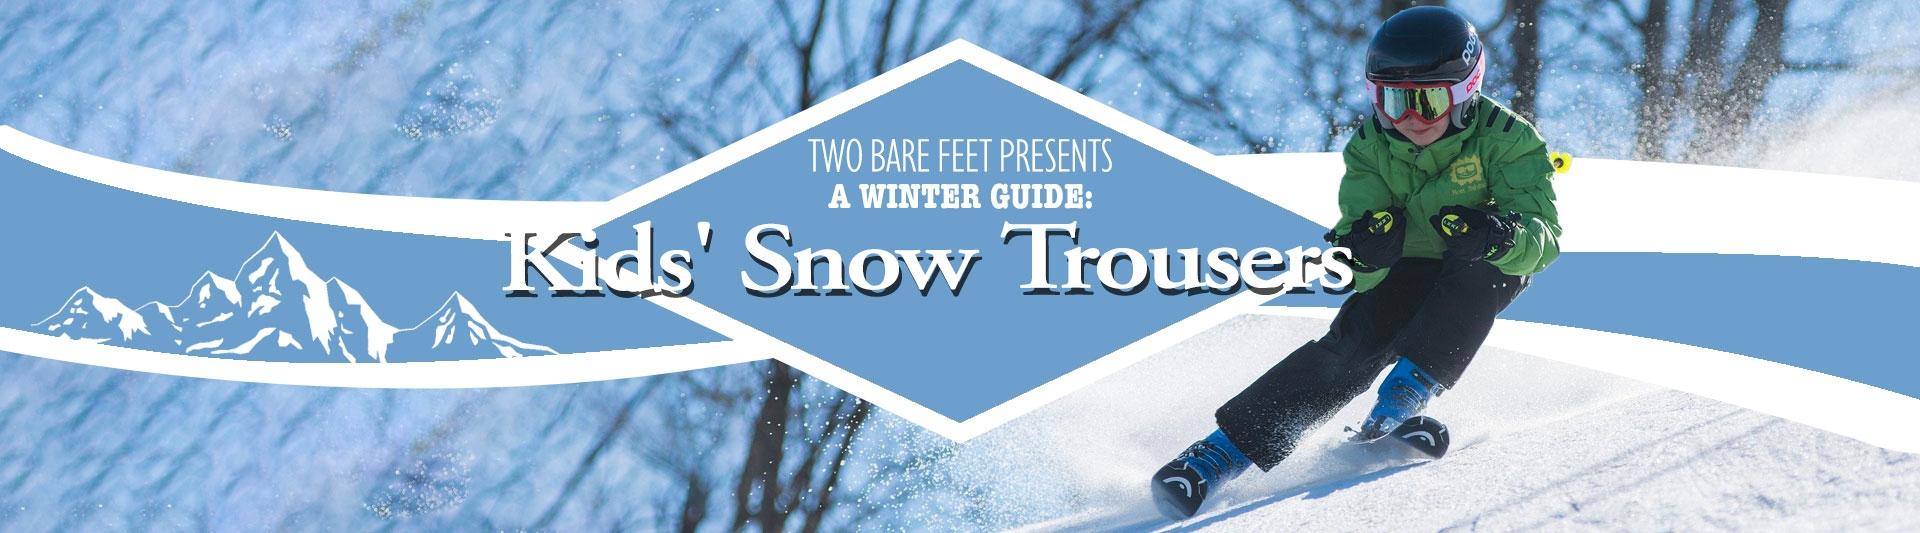 Two Bare Feet kid's ski pants banner image